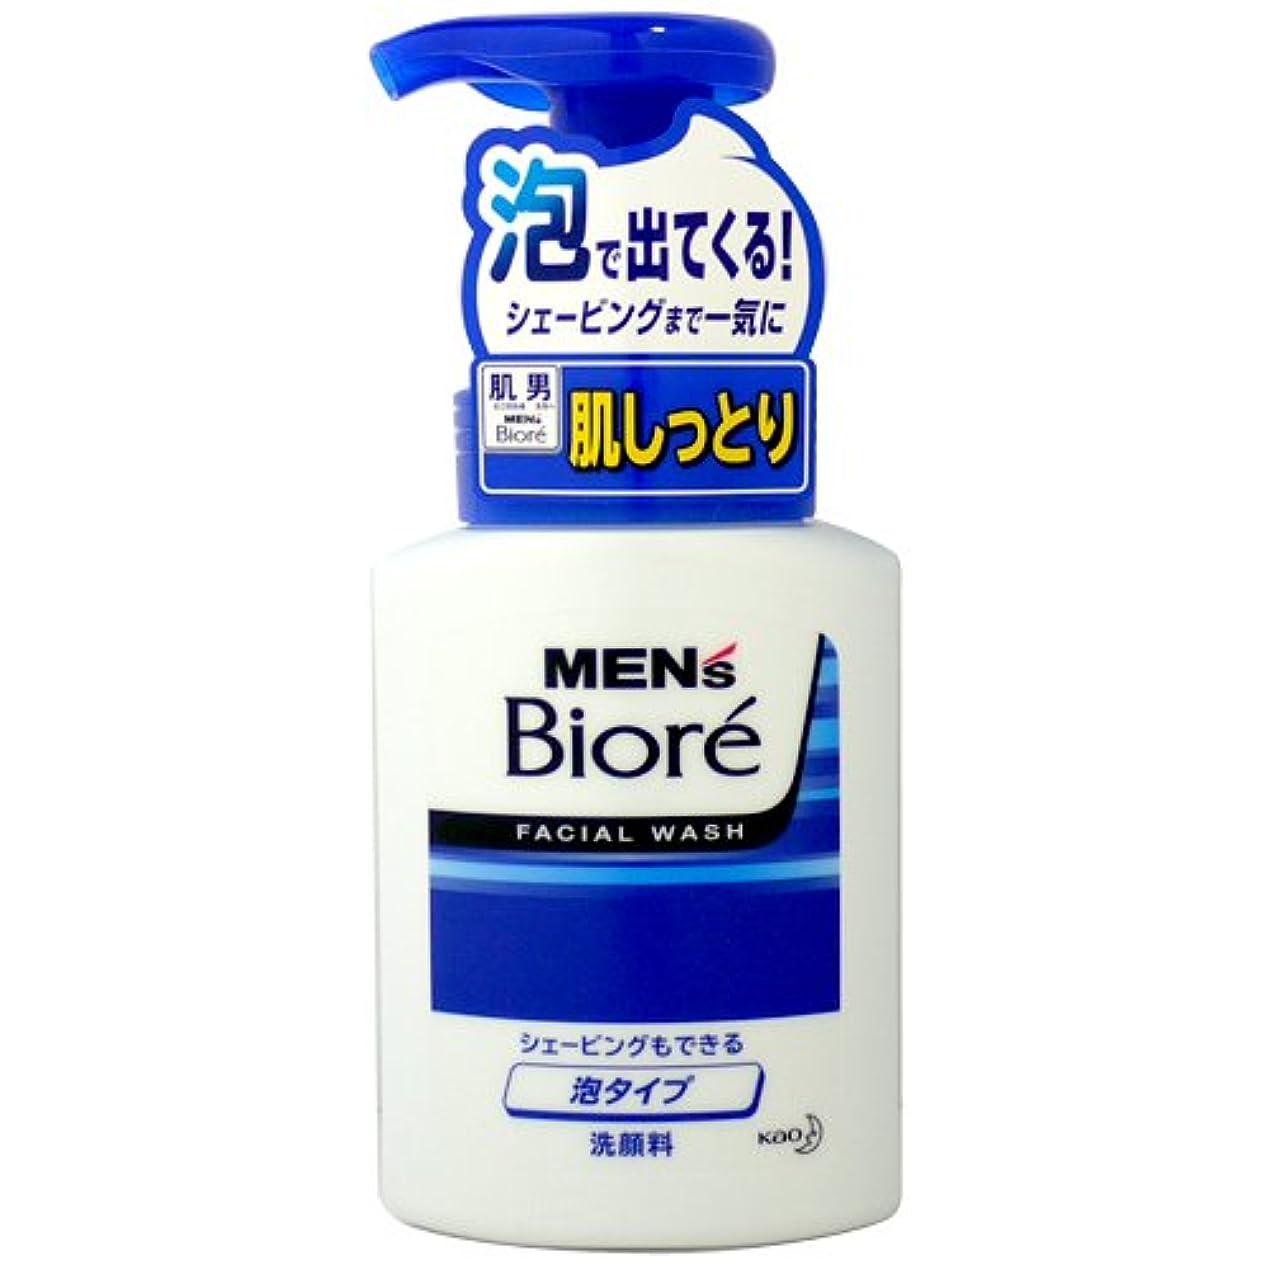 インタビュー暗唱するジャンプ【花王】メンズビオレ 泡タイプ洗顔 150ml